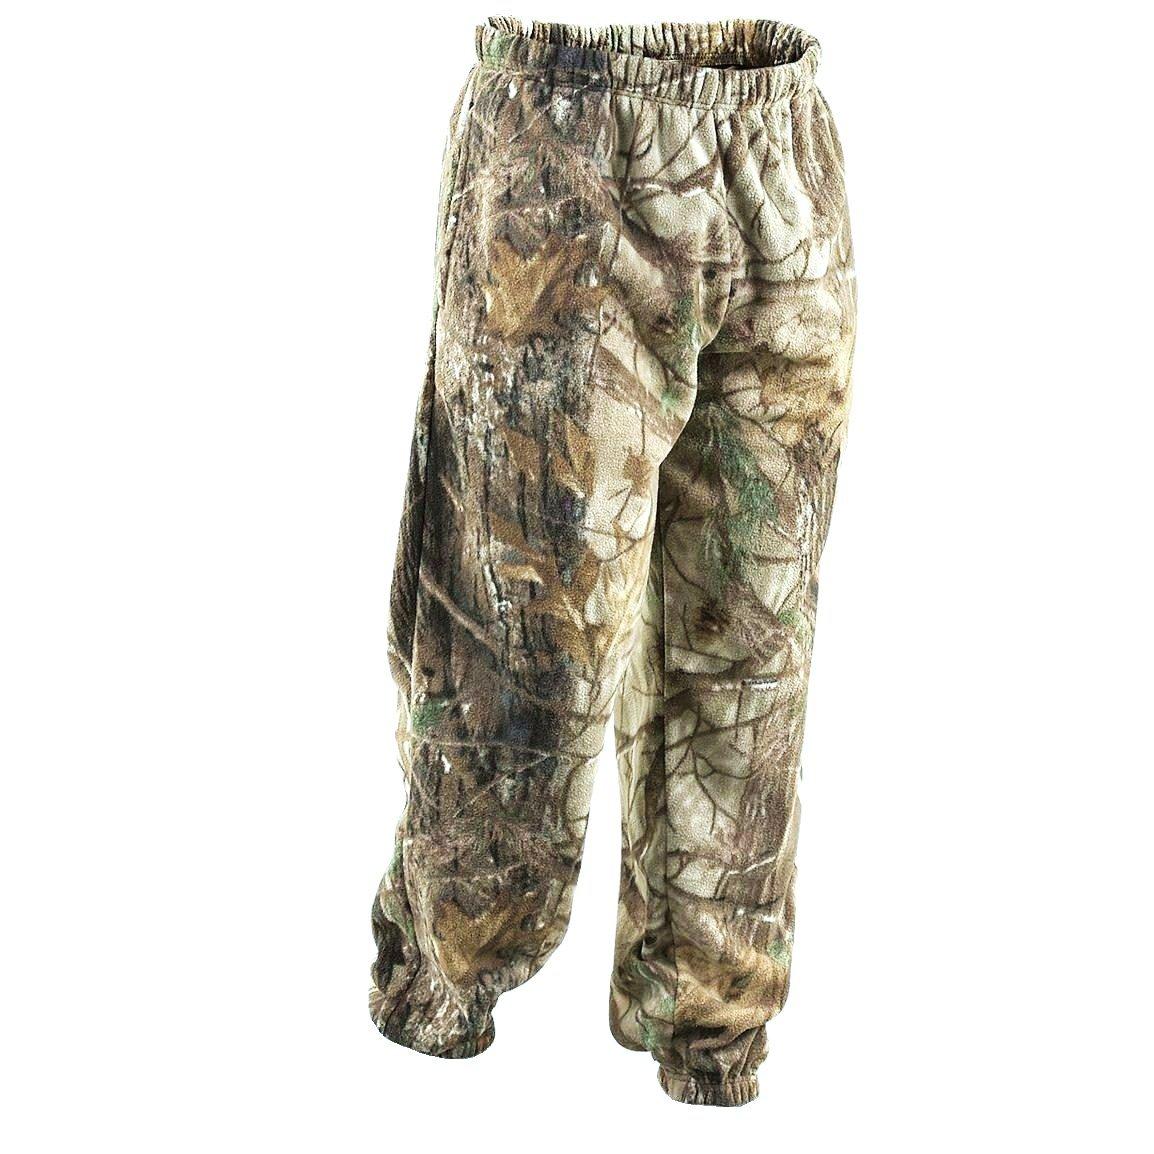 en Polaire /épaisse pour Homme Motif Camouflage Pantalon de surv/êtement avec Ourlet ferm/é Style Cargo Pantalon de Jogging Sport Casual imprim/é